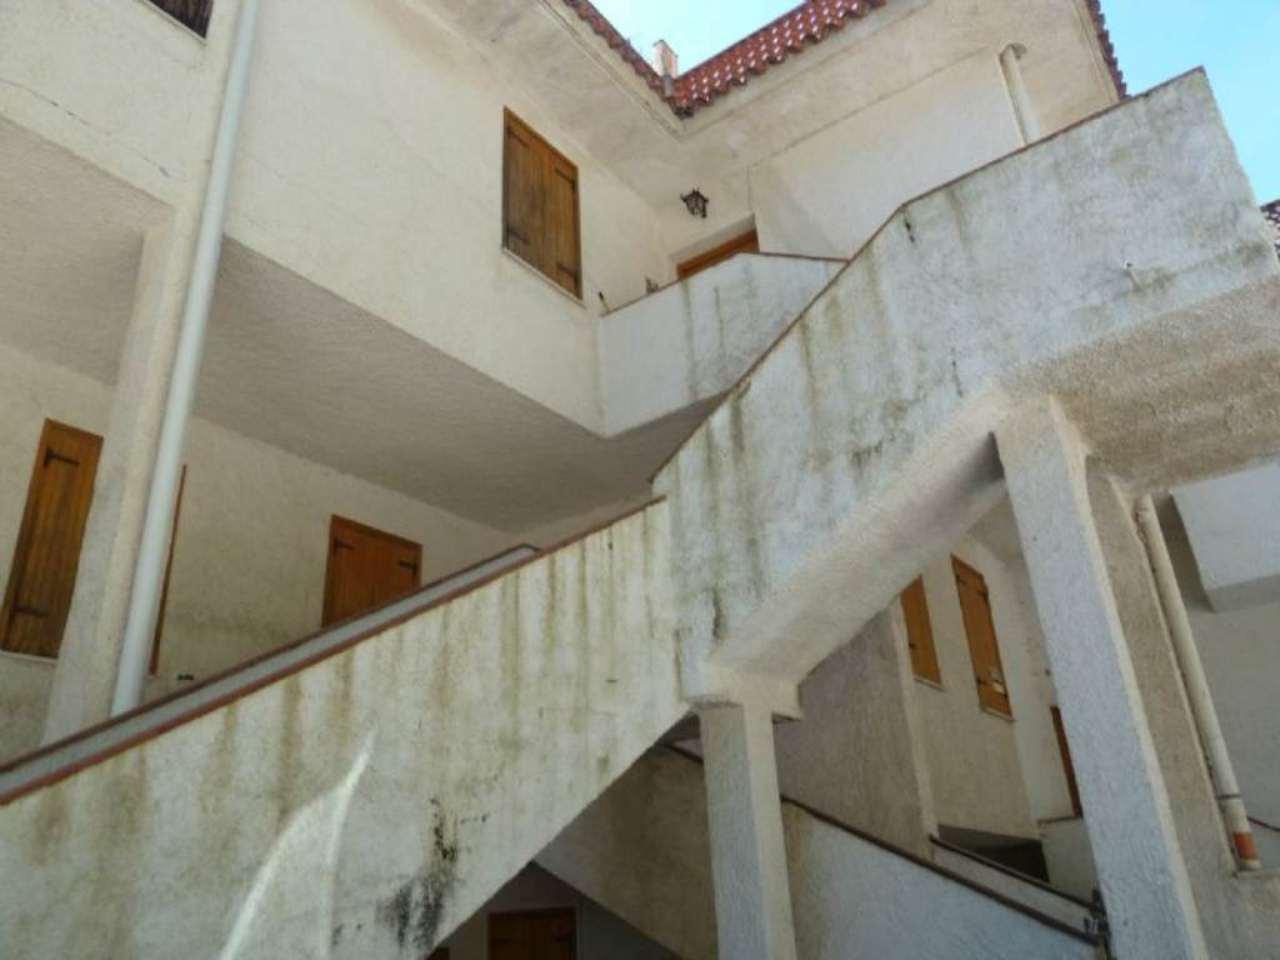 Appartamento in vendita a Vallinfreda, 3 locali, prezzo € 35.000 | CambioCasa.it